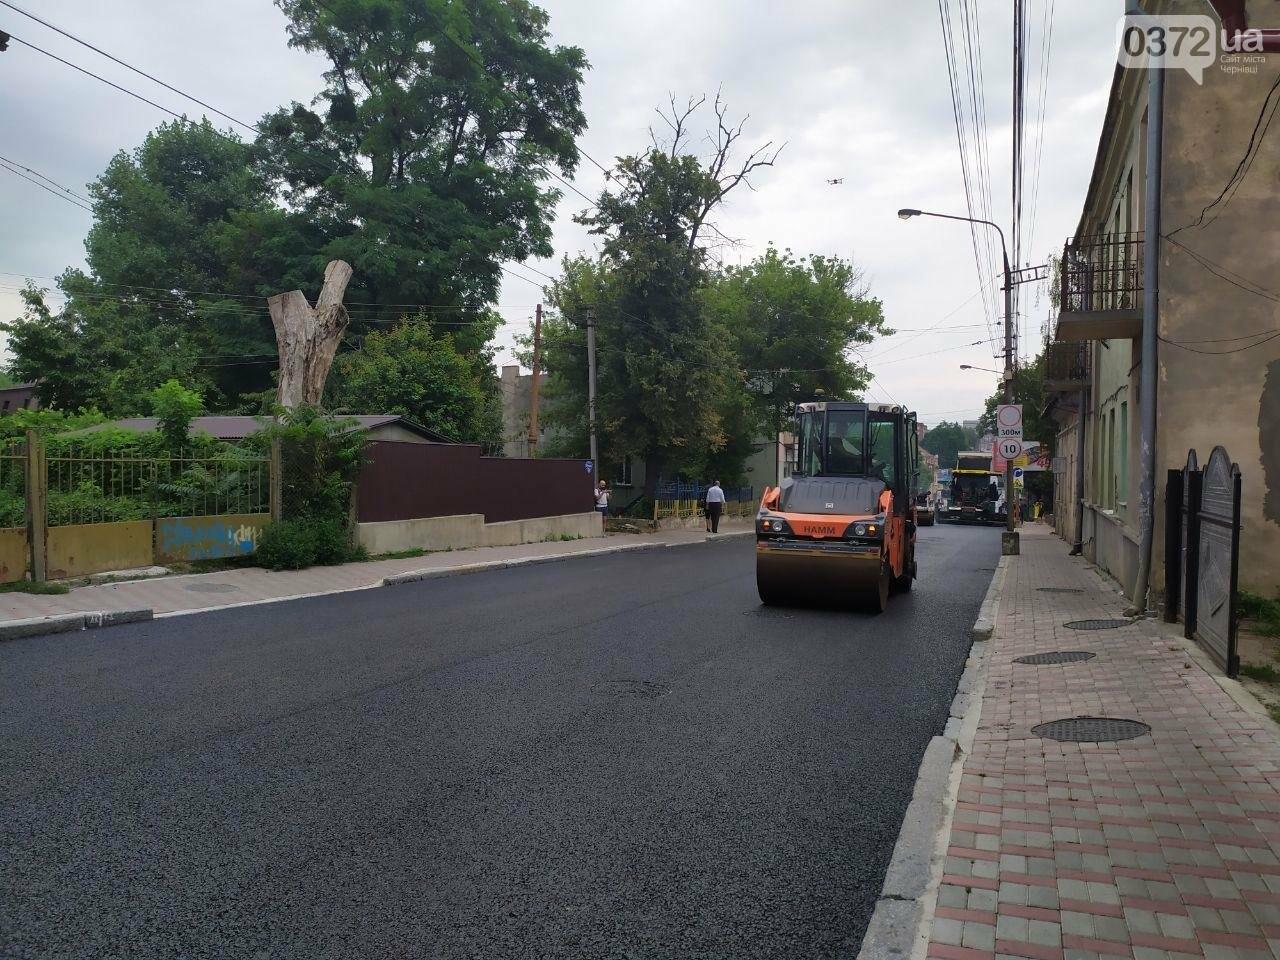 Вулиця Руська – відкрита для транспорту